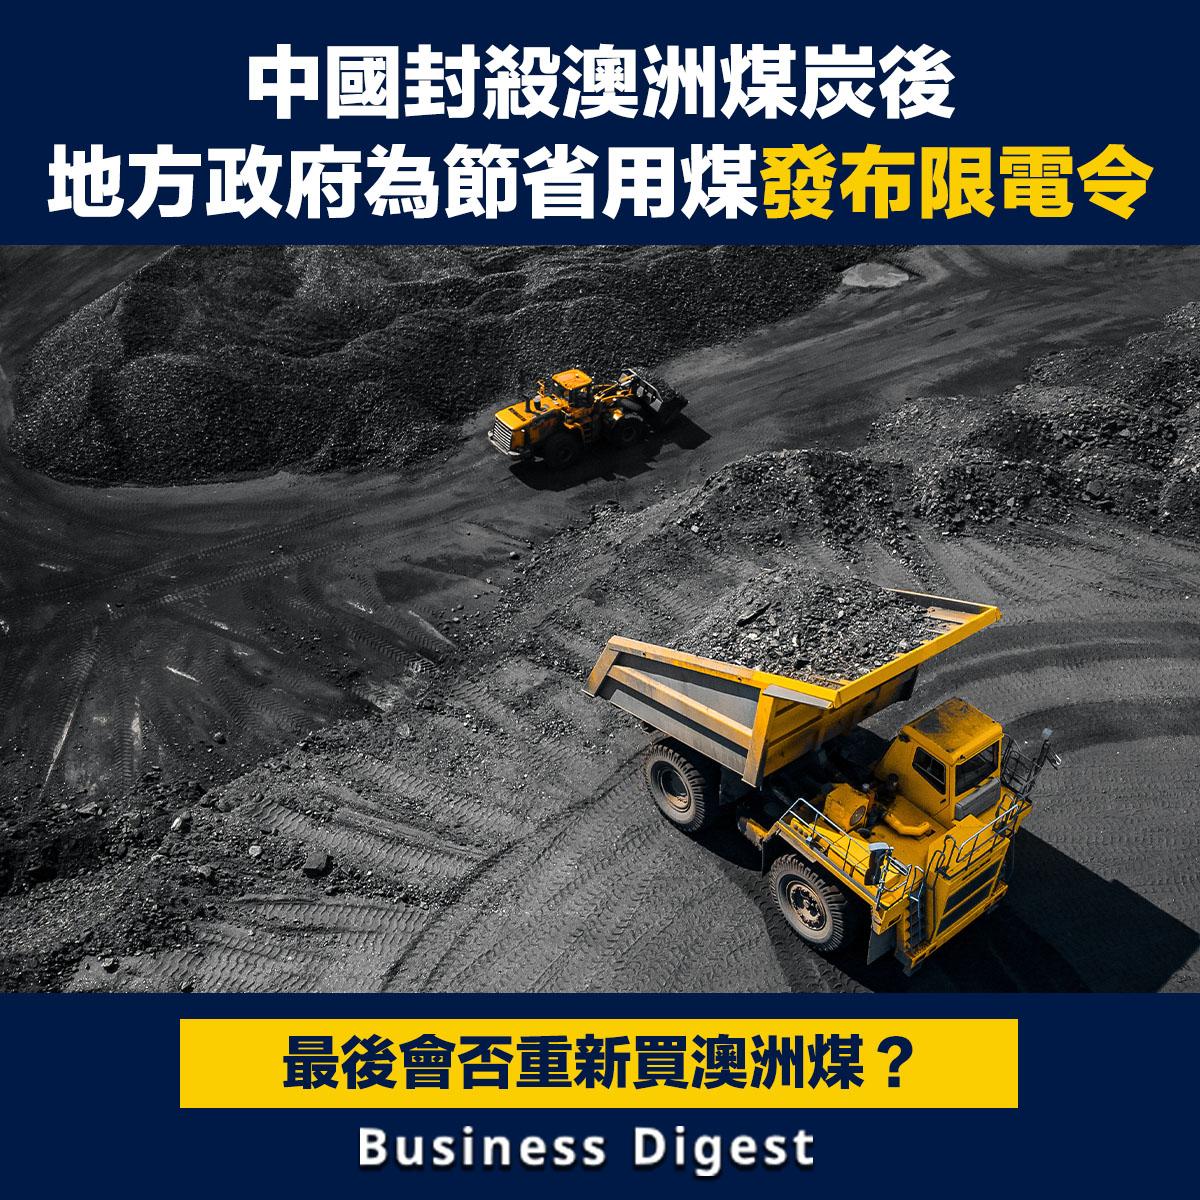 中國封殺澳洲煤炭後,地方政府為節省用煤發布限電令